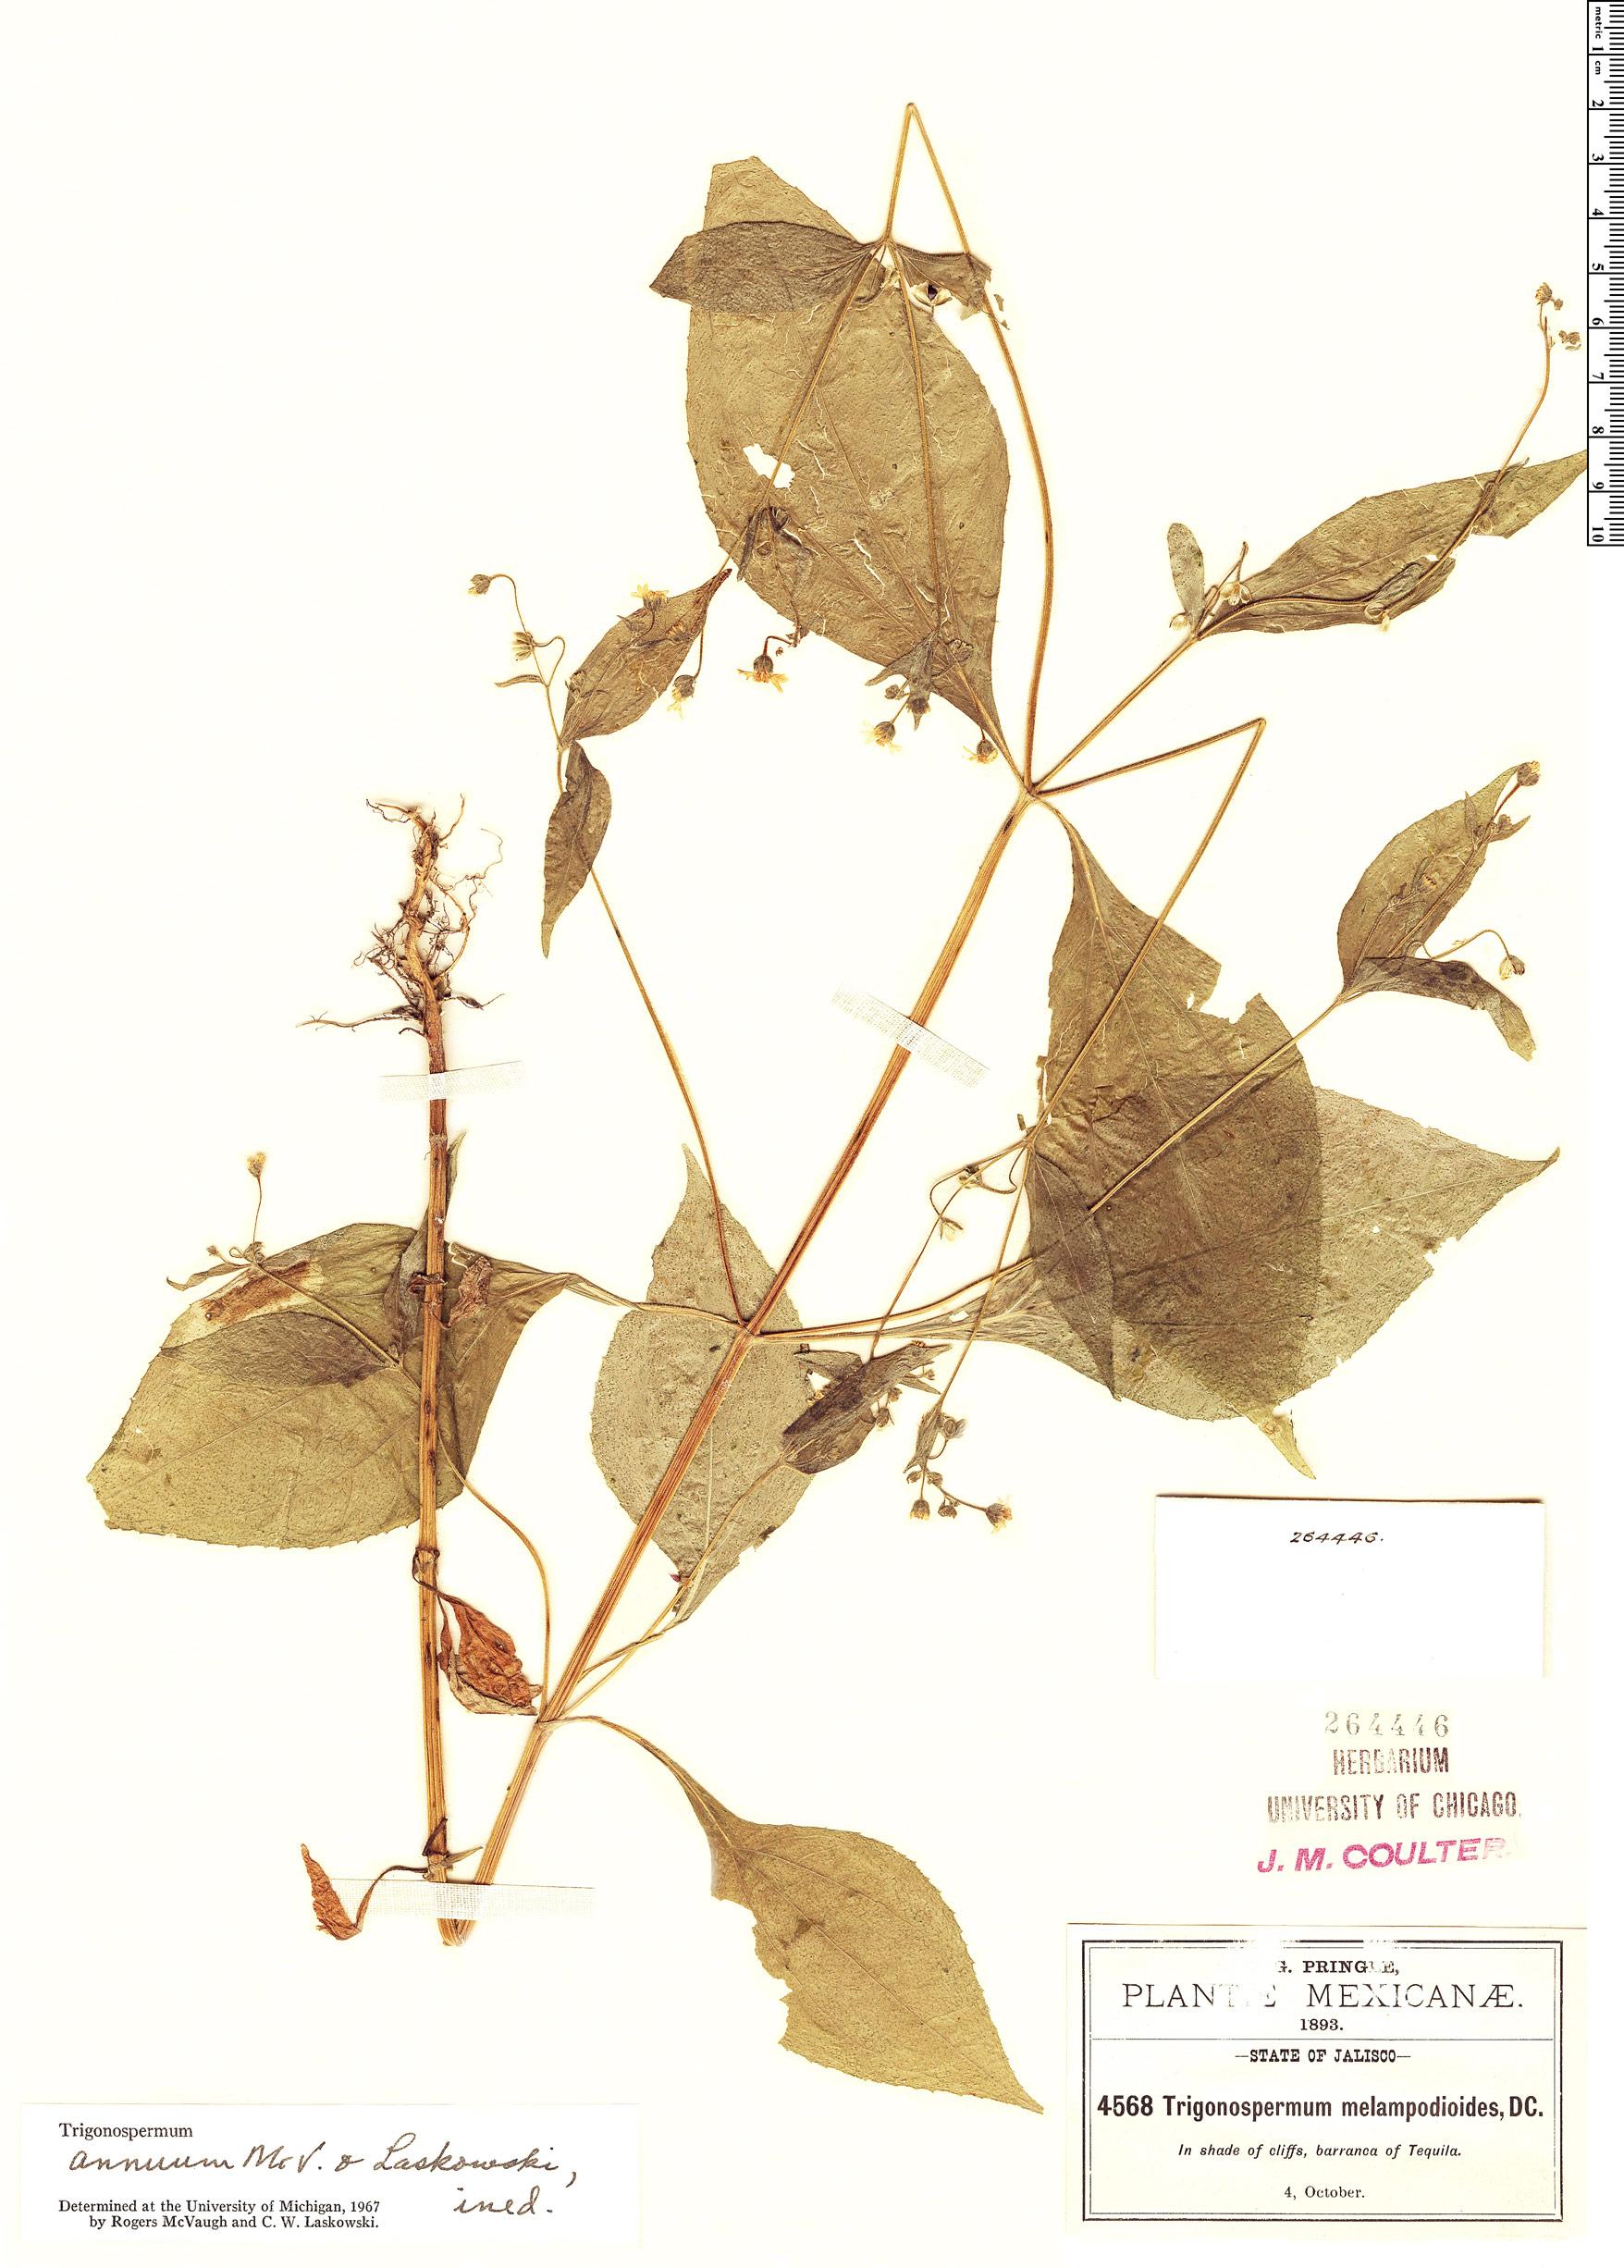 Specimen: Trigonospermum annuum